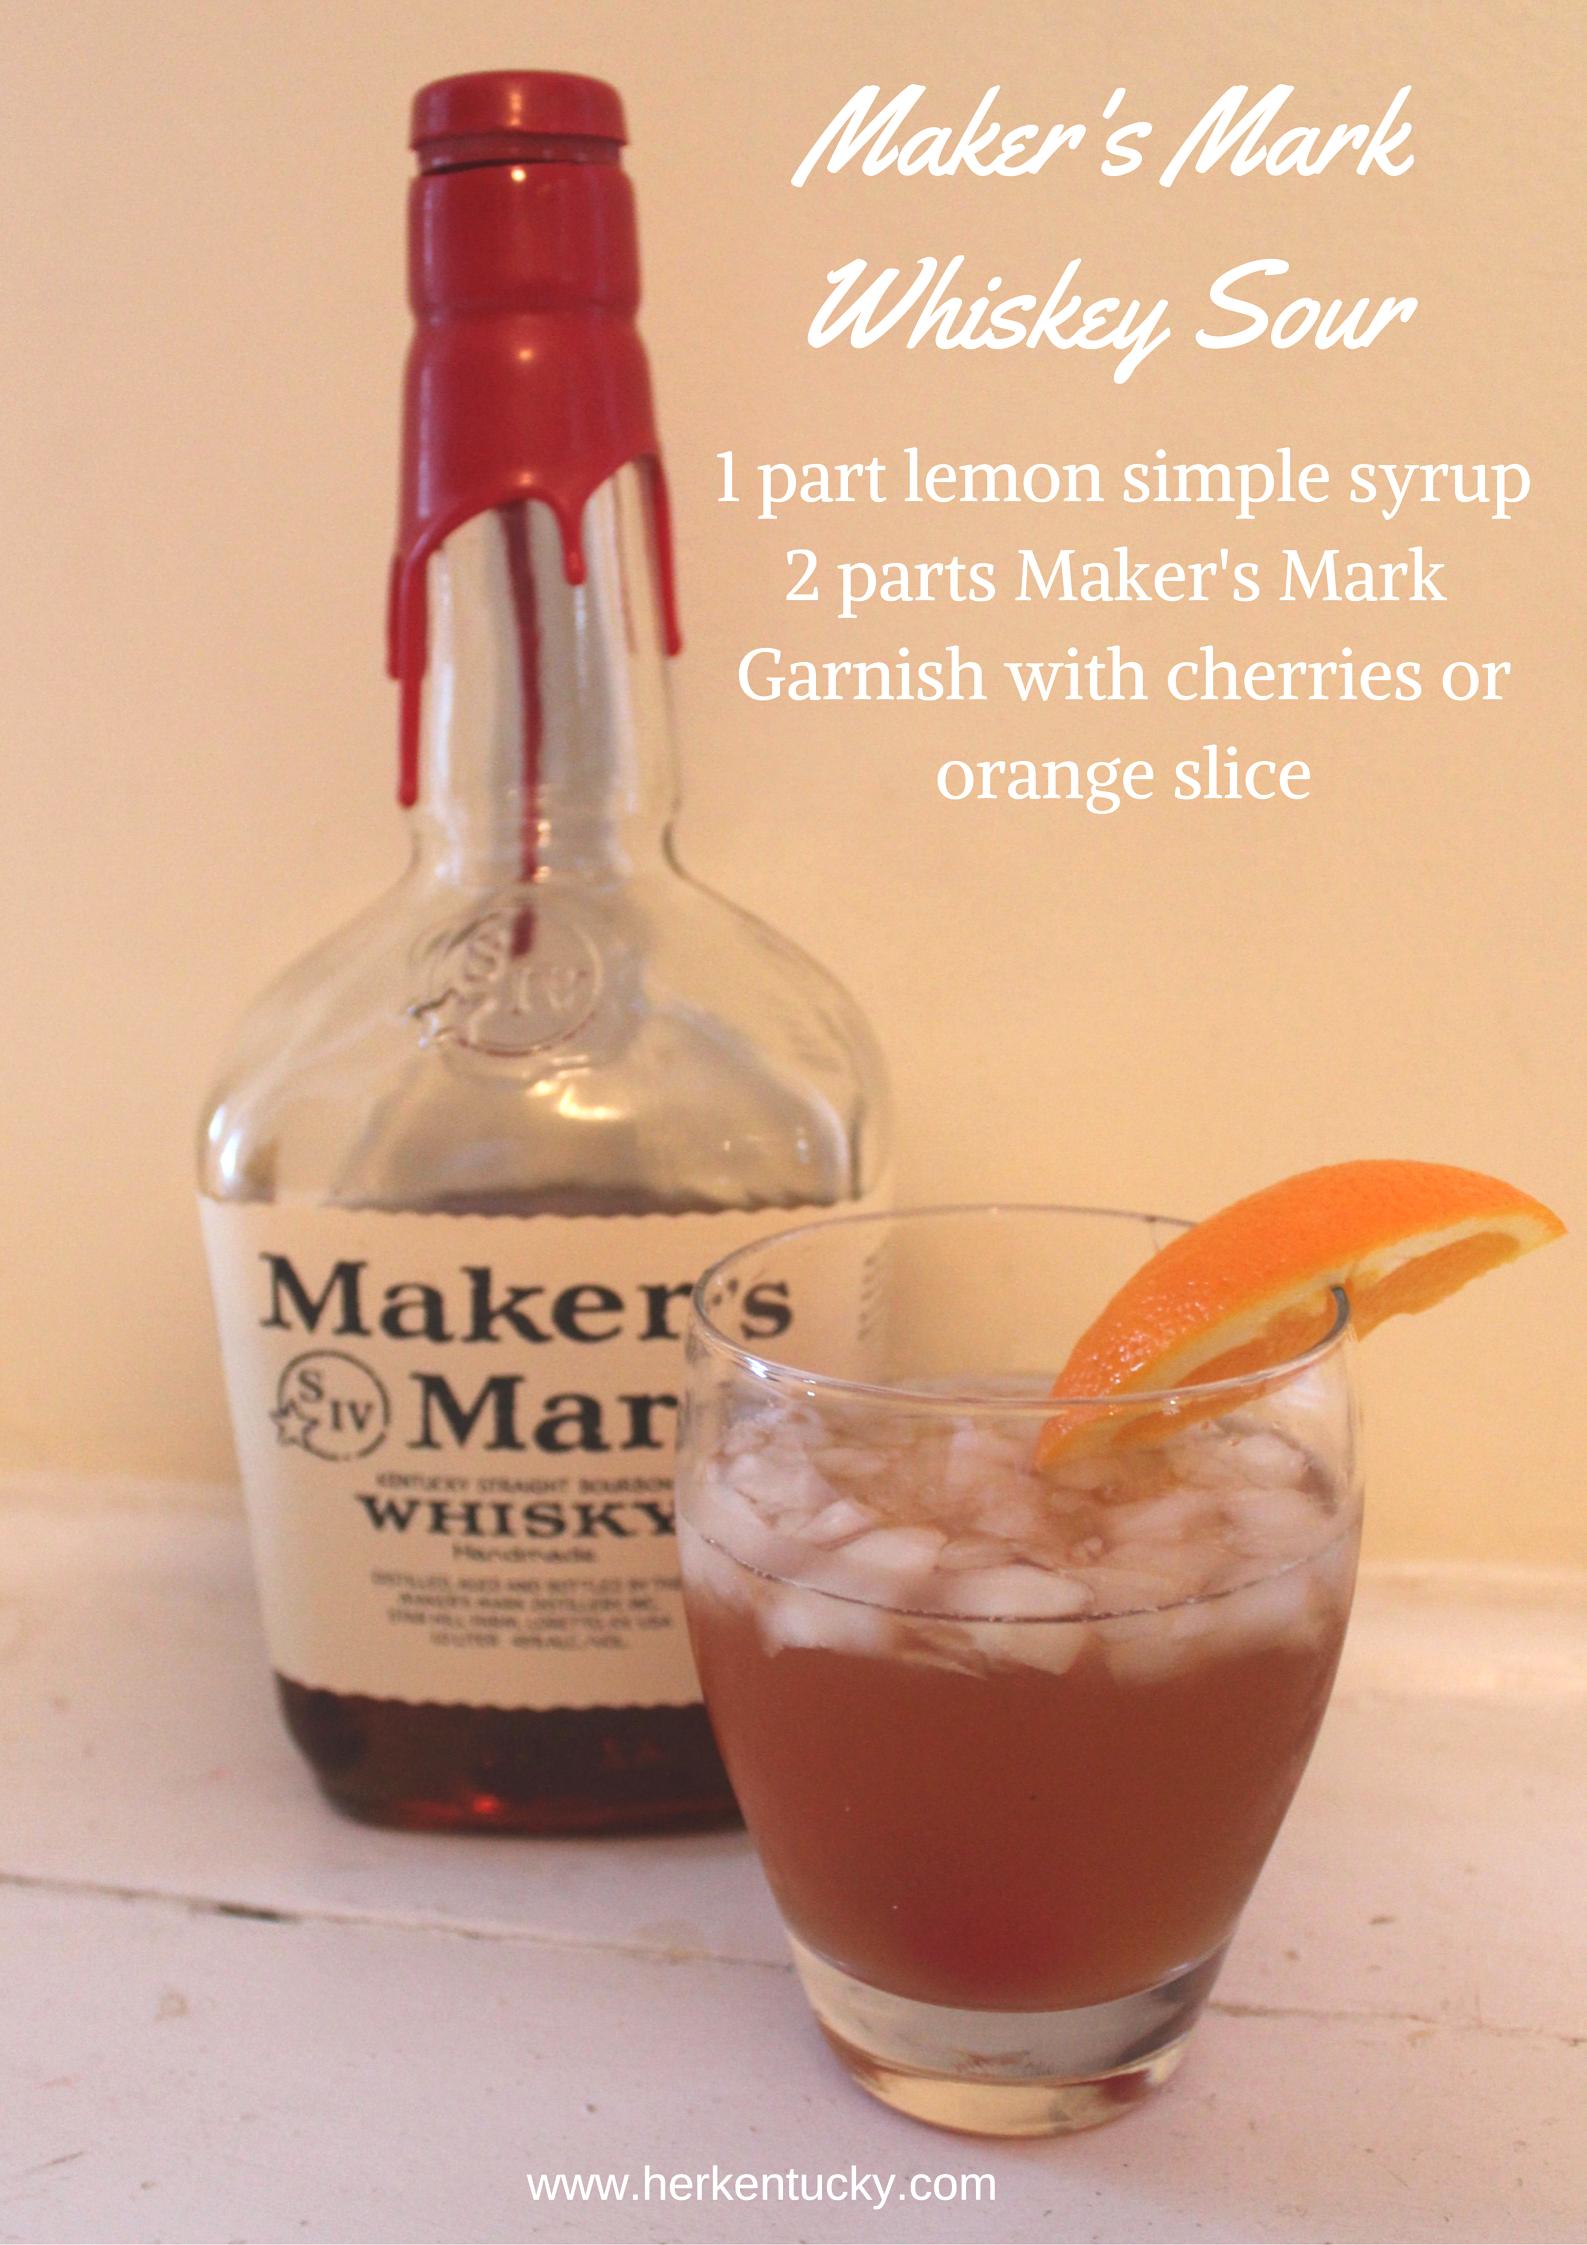 Maker's Mark Whiskey Sour